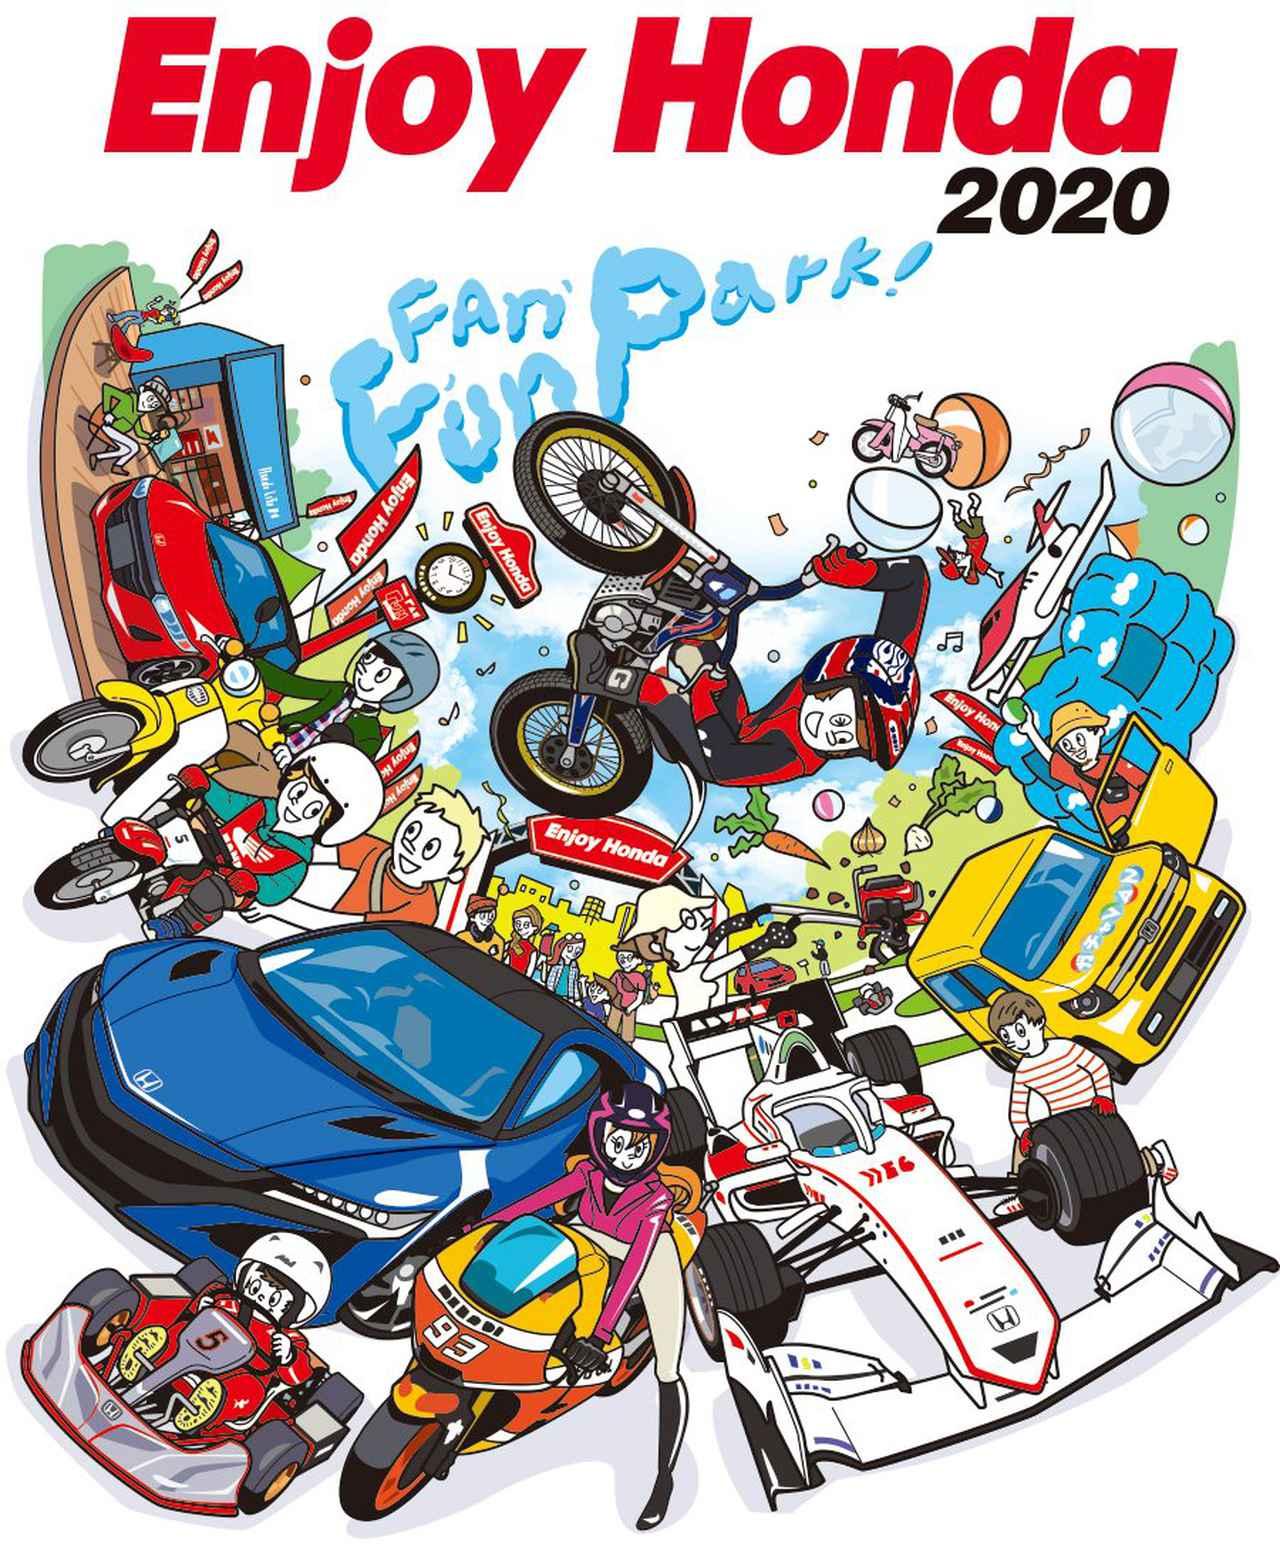 ホンダのお祭り「Enjoy Honda 2020」は全国10カ所で開催、年間スケジュールが発表されました!